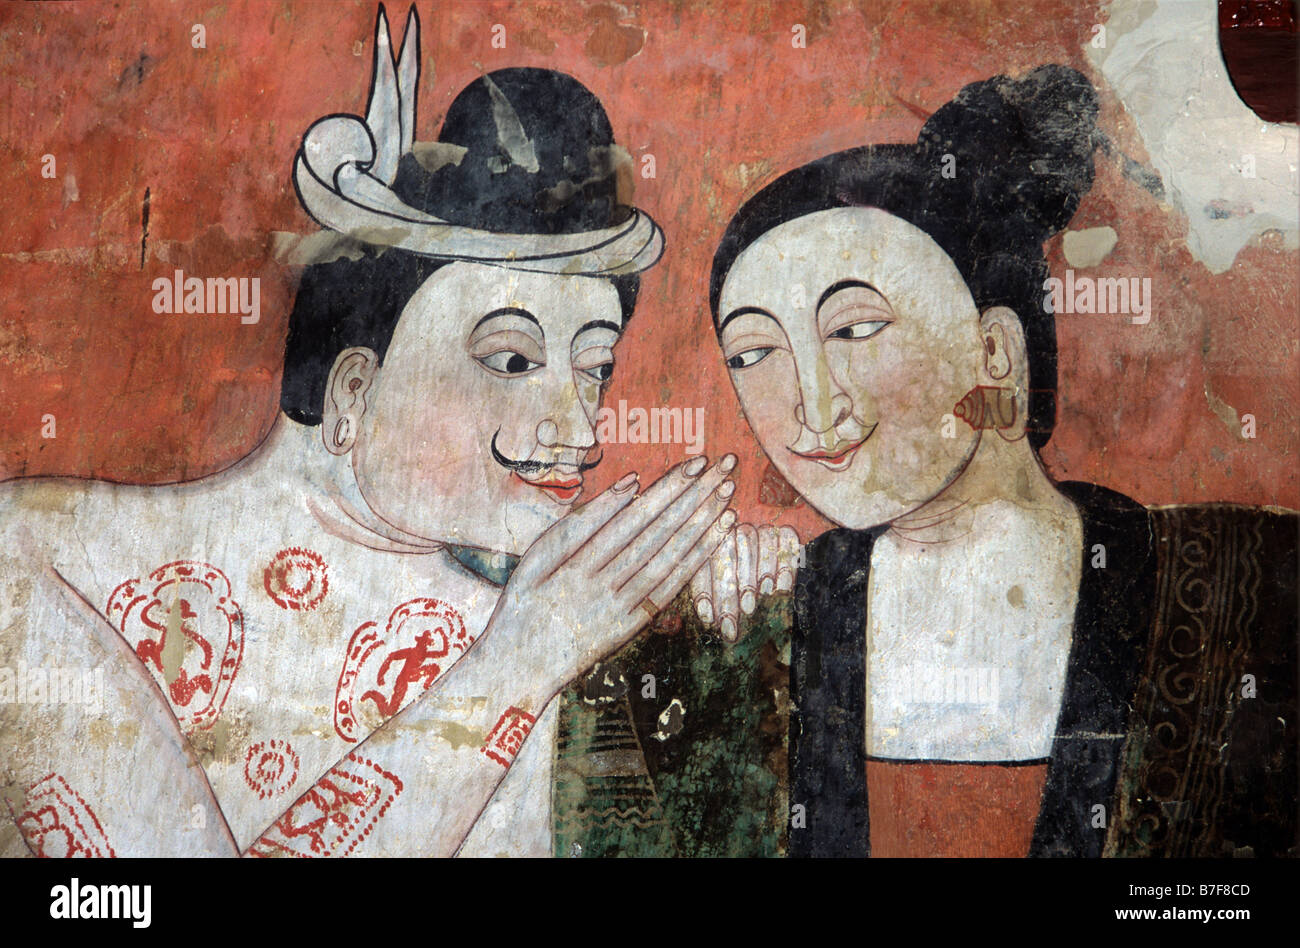 Los amantes tailandés Seducción, c 19º Mural o pared pintada por Thit Buaphan, Wat Phumin templo, Nan, en el norte Foto de stock